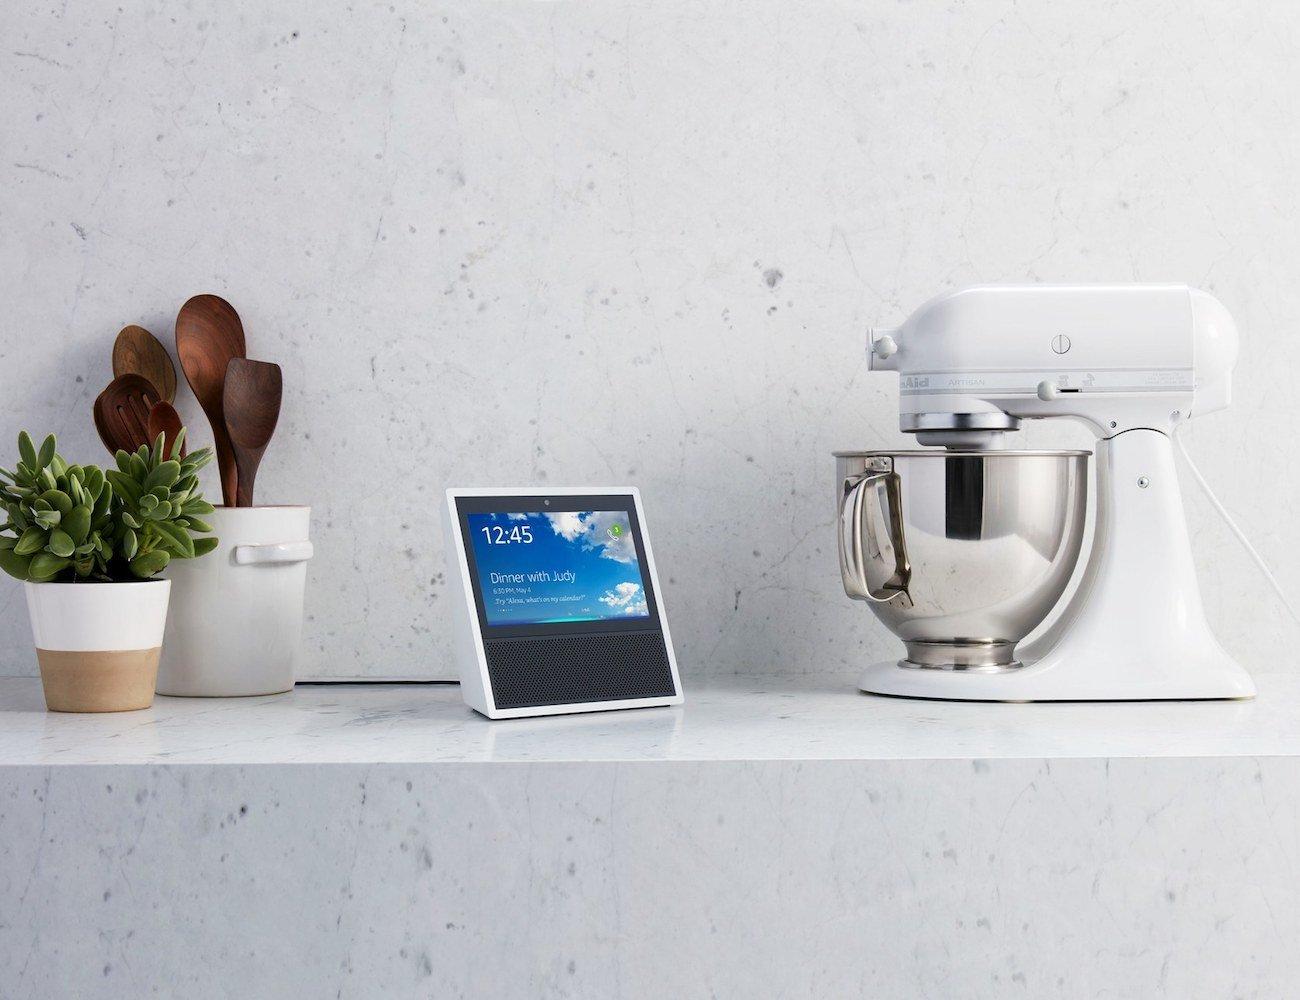 Amazon+Echo+Show+Smart+Display